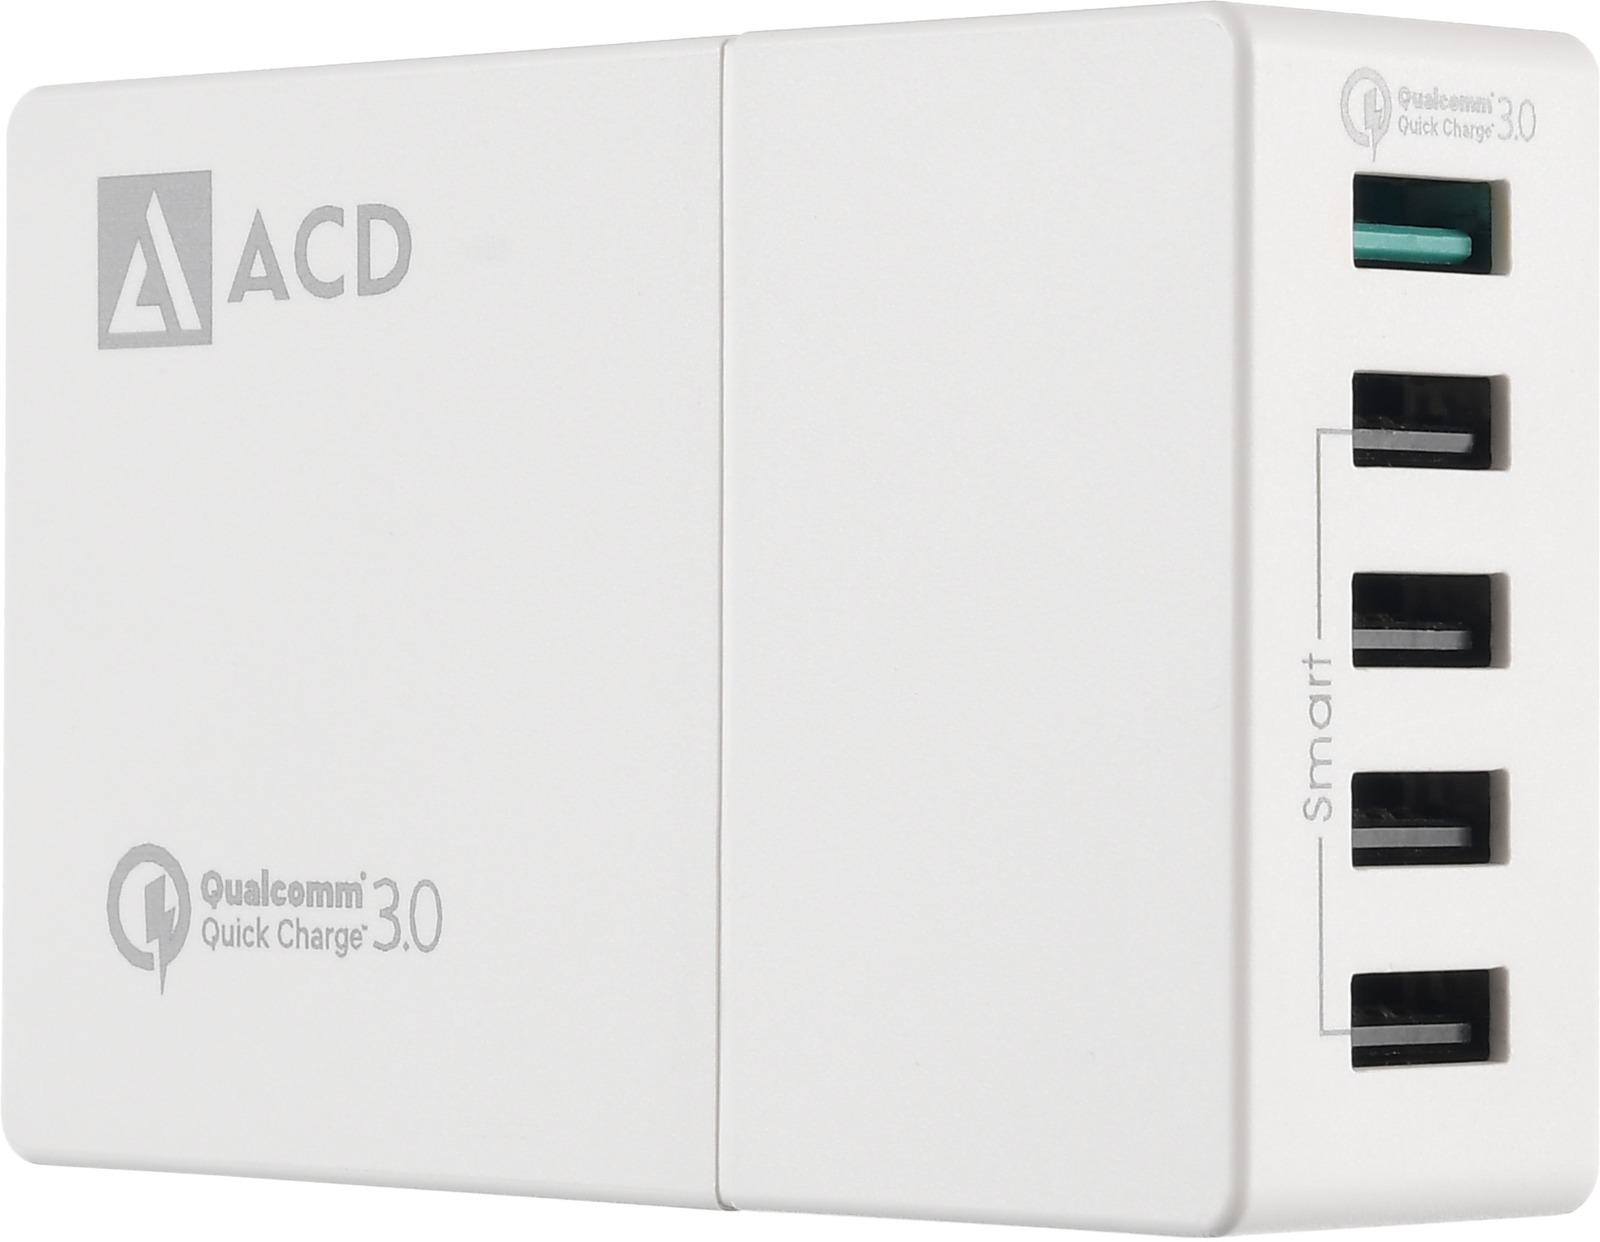 Сетевое зарядное устройство ACD, 52Вт, ACD-Q525-X3W аксессуар acd link usb c usb a 1m white acd u910 c2w